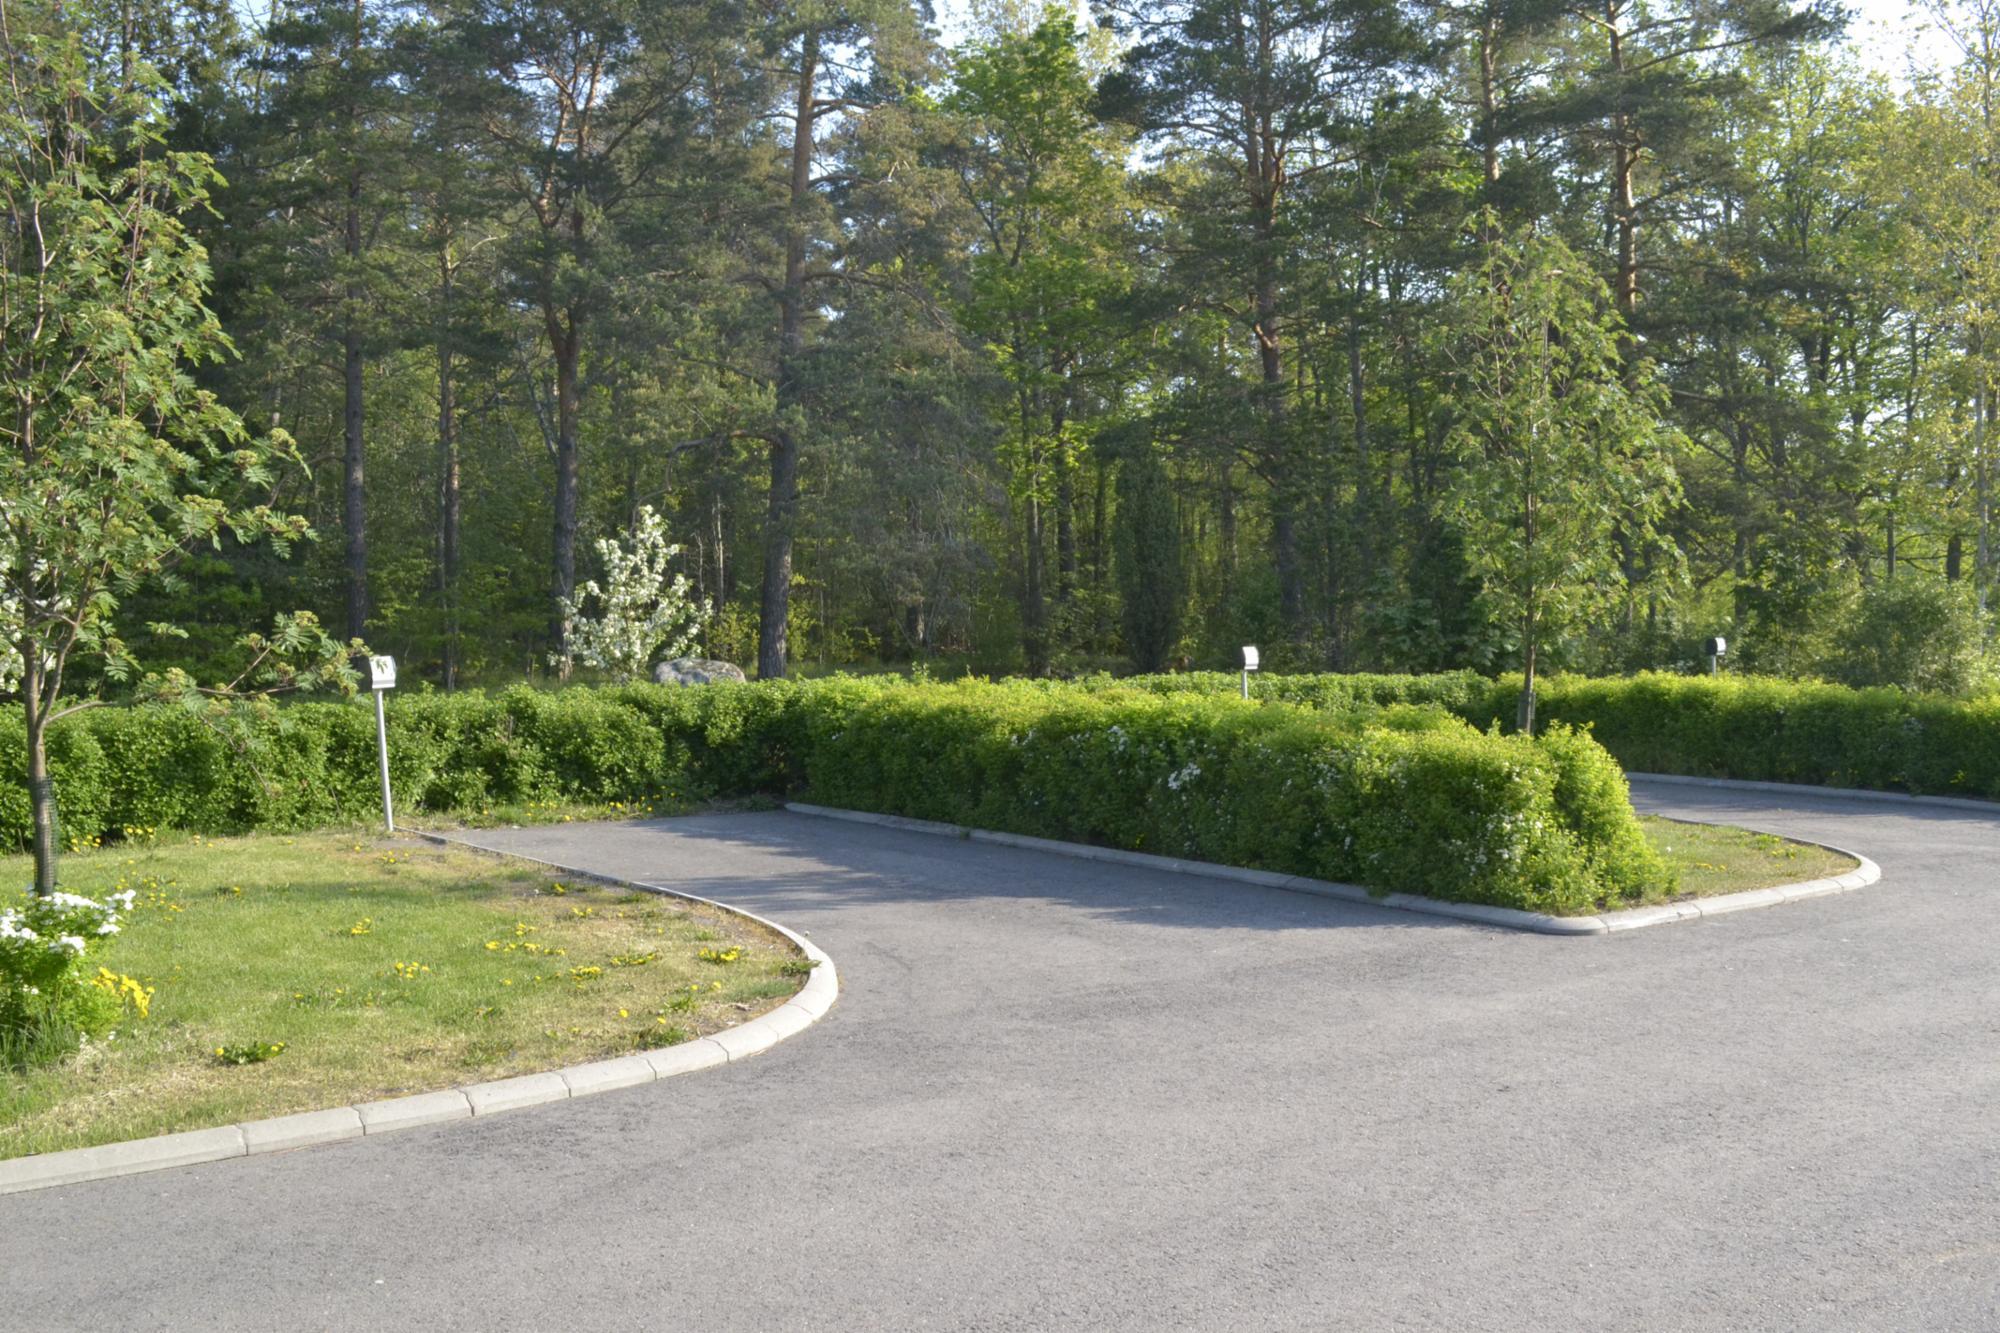 Caravan parking space